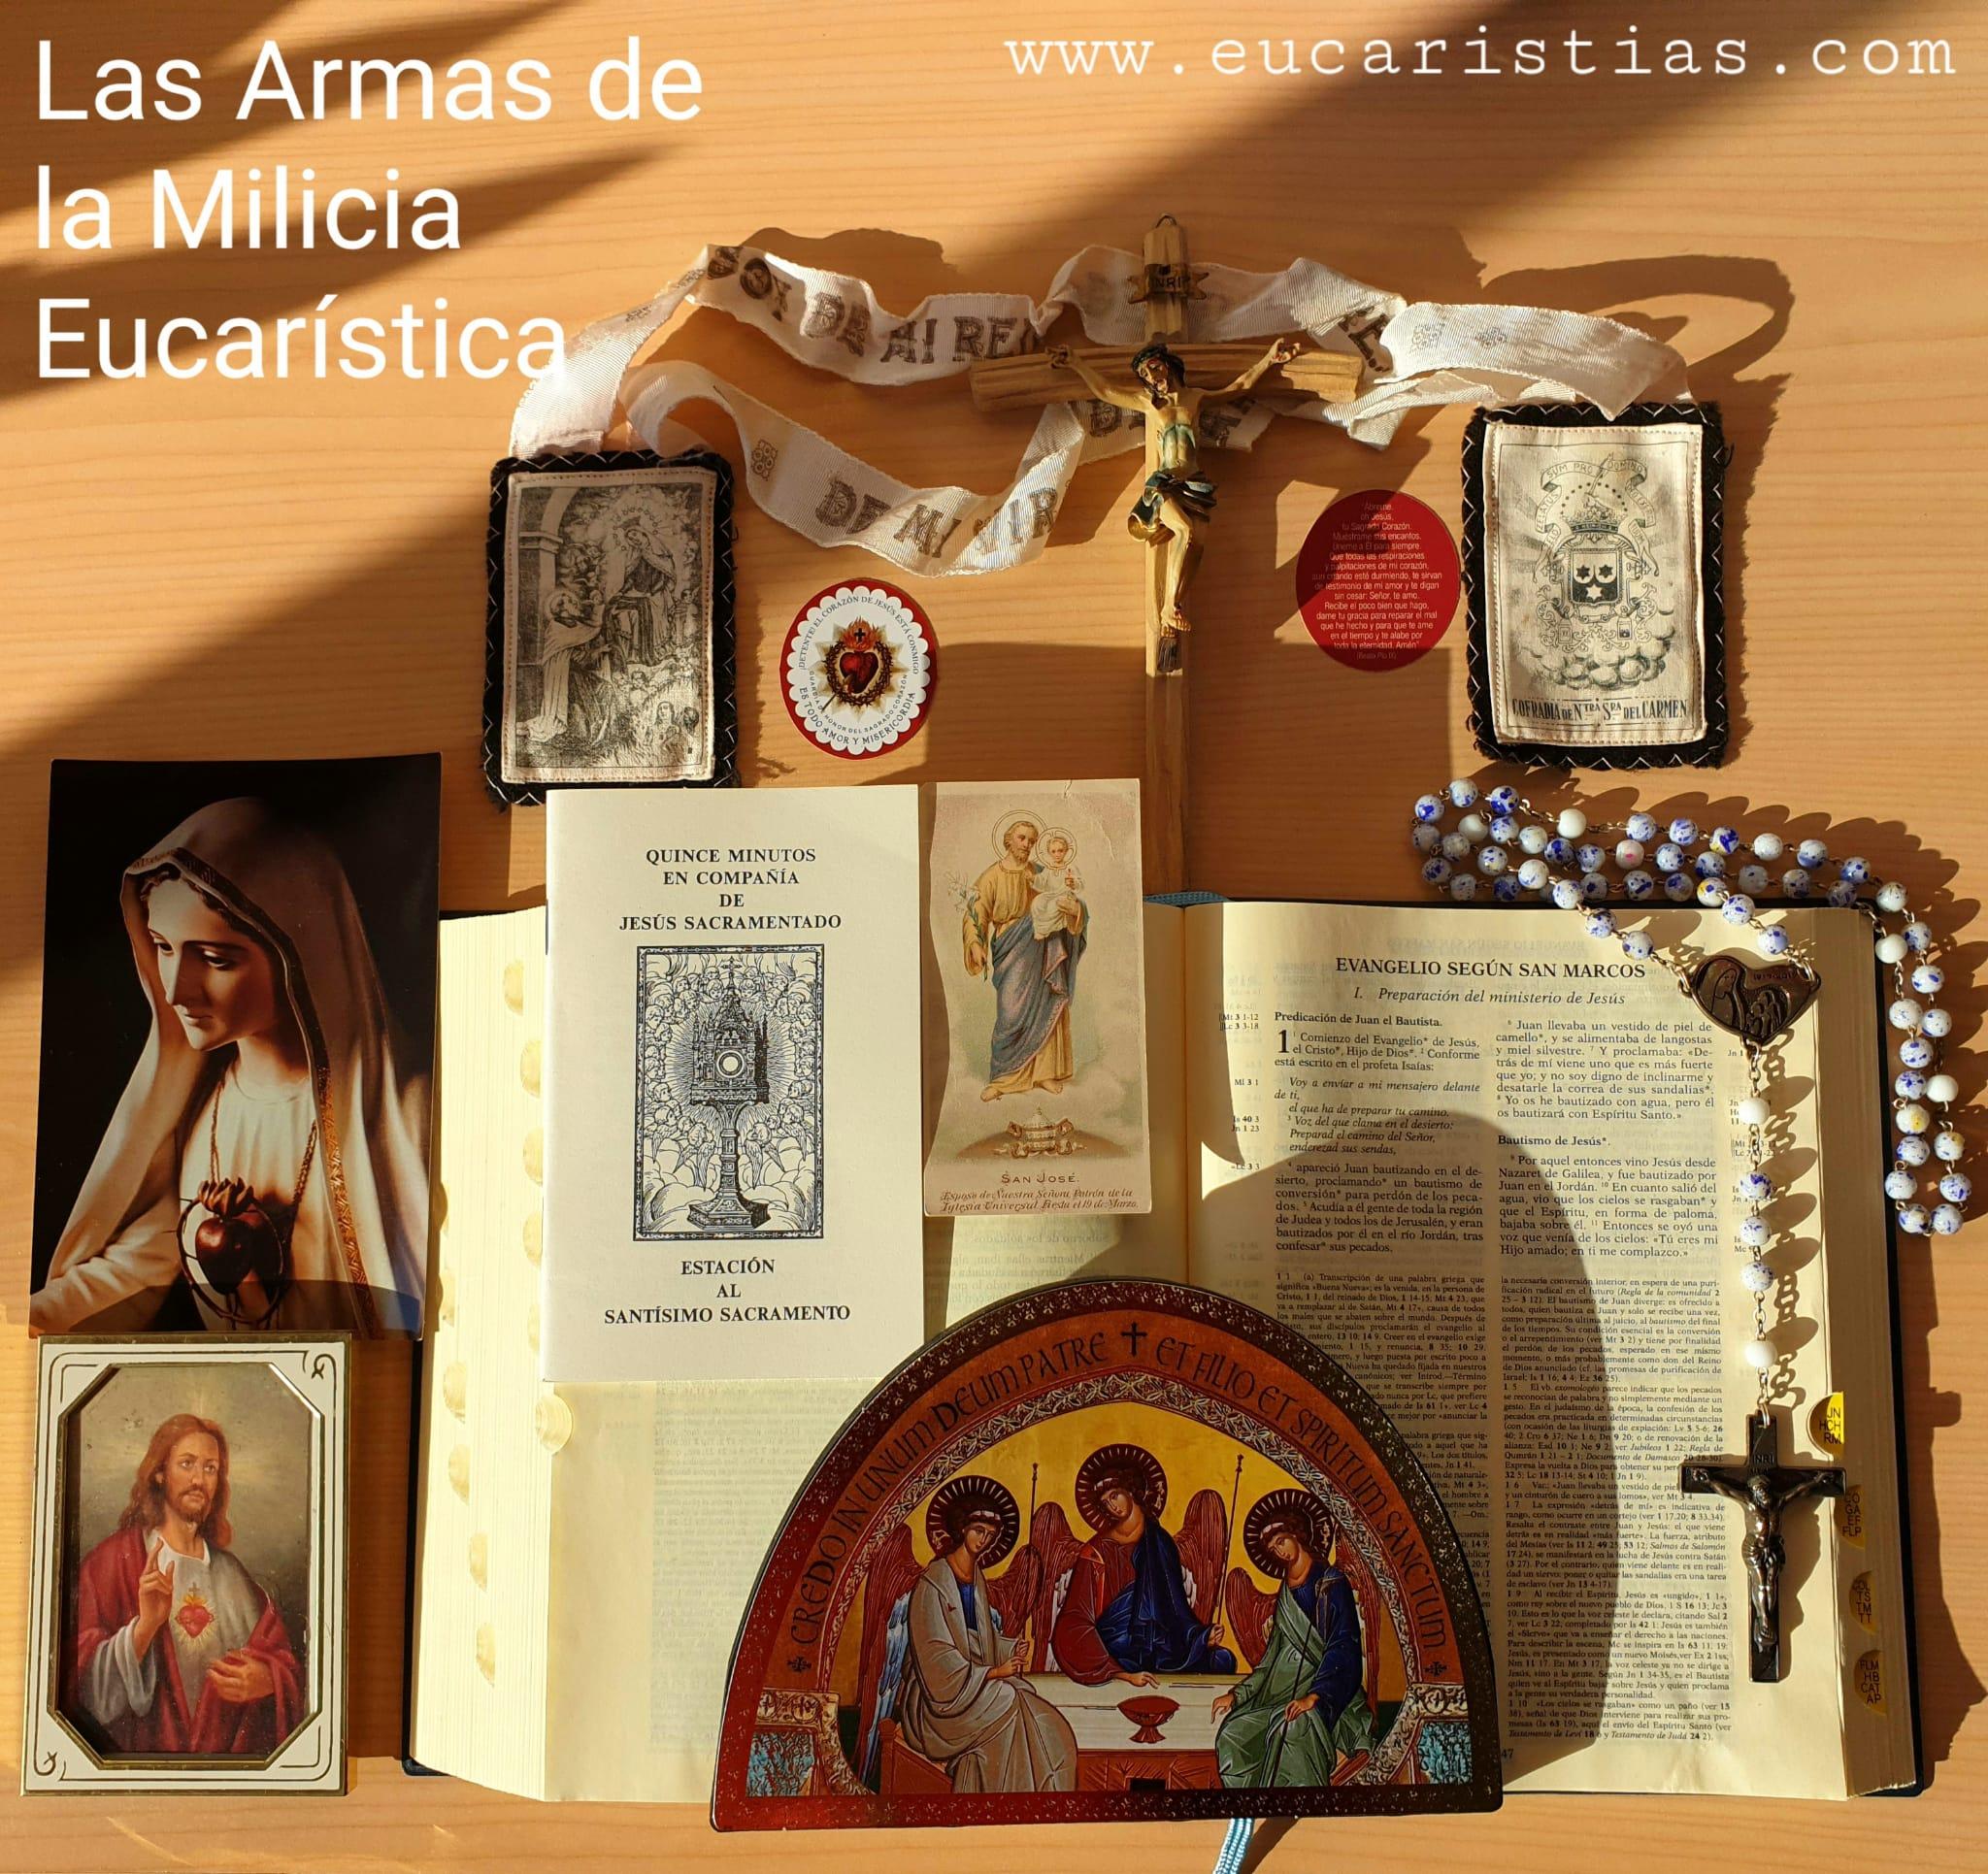 Las Armas de la Milicia Eucaristica